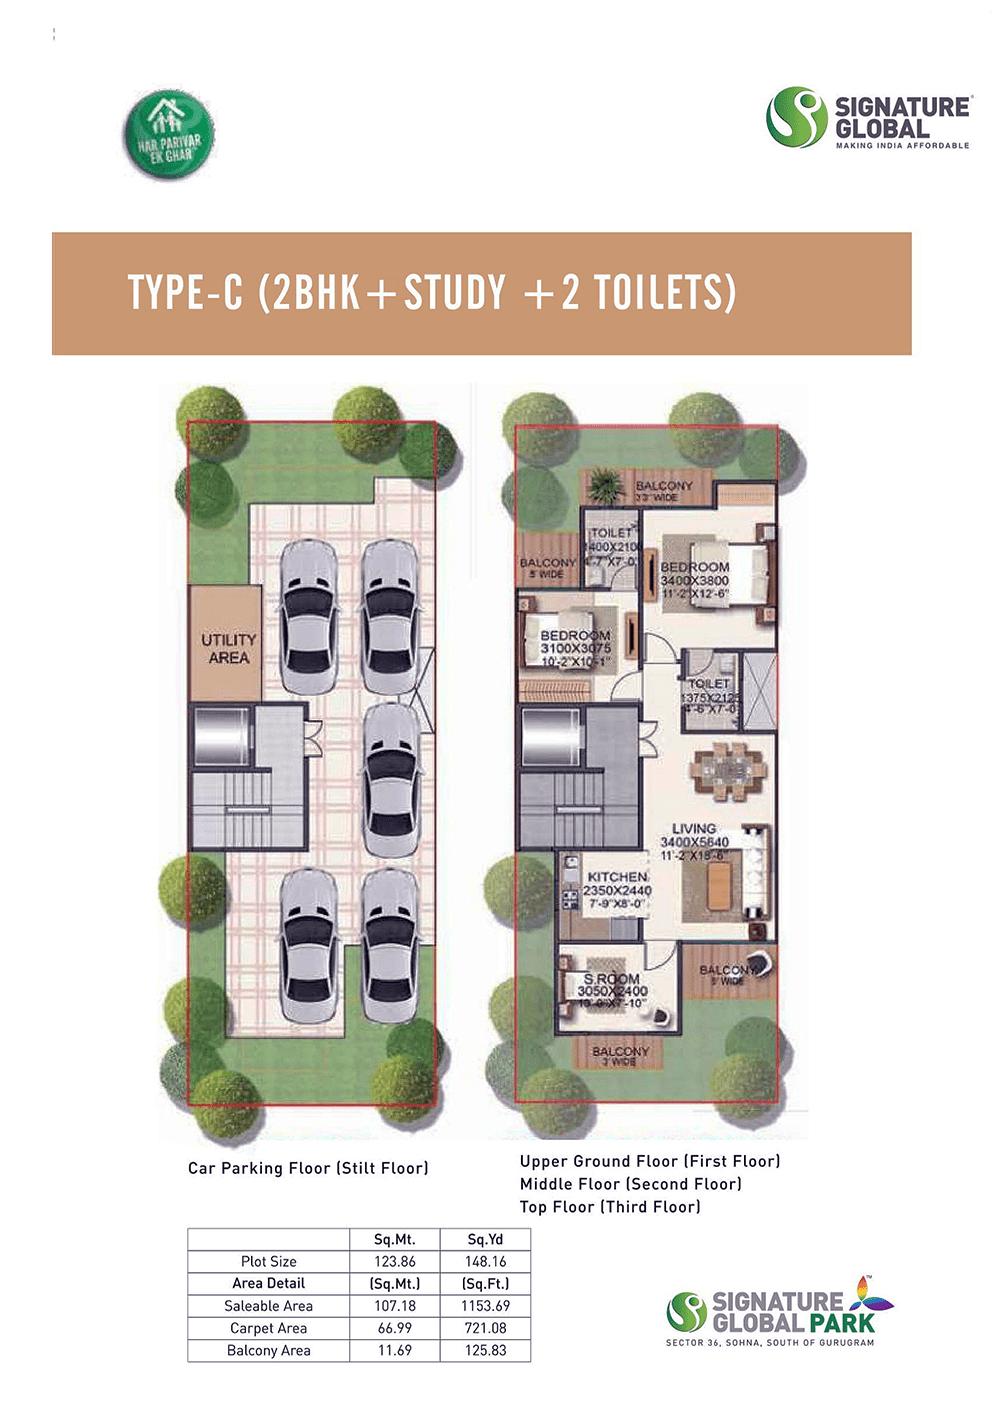 signature park 2 & 3 floor plan